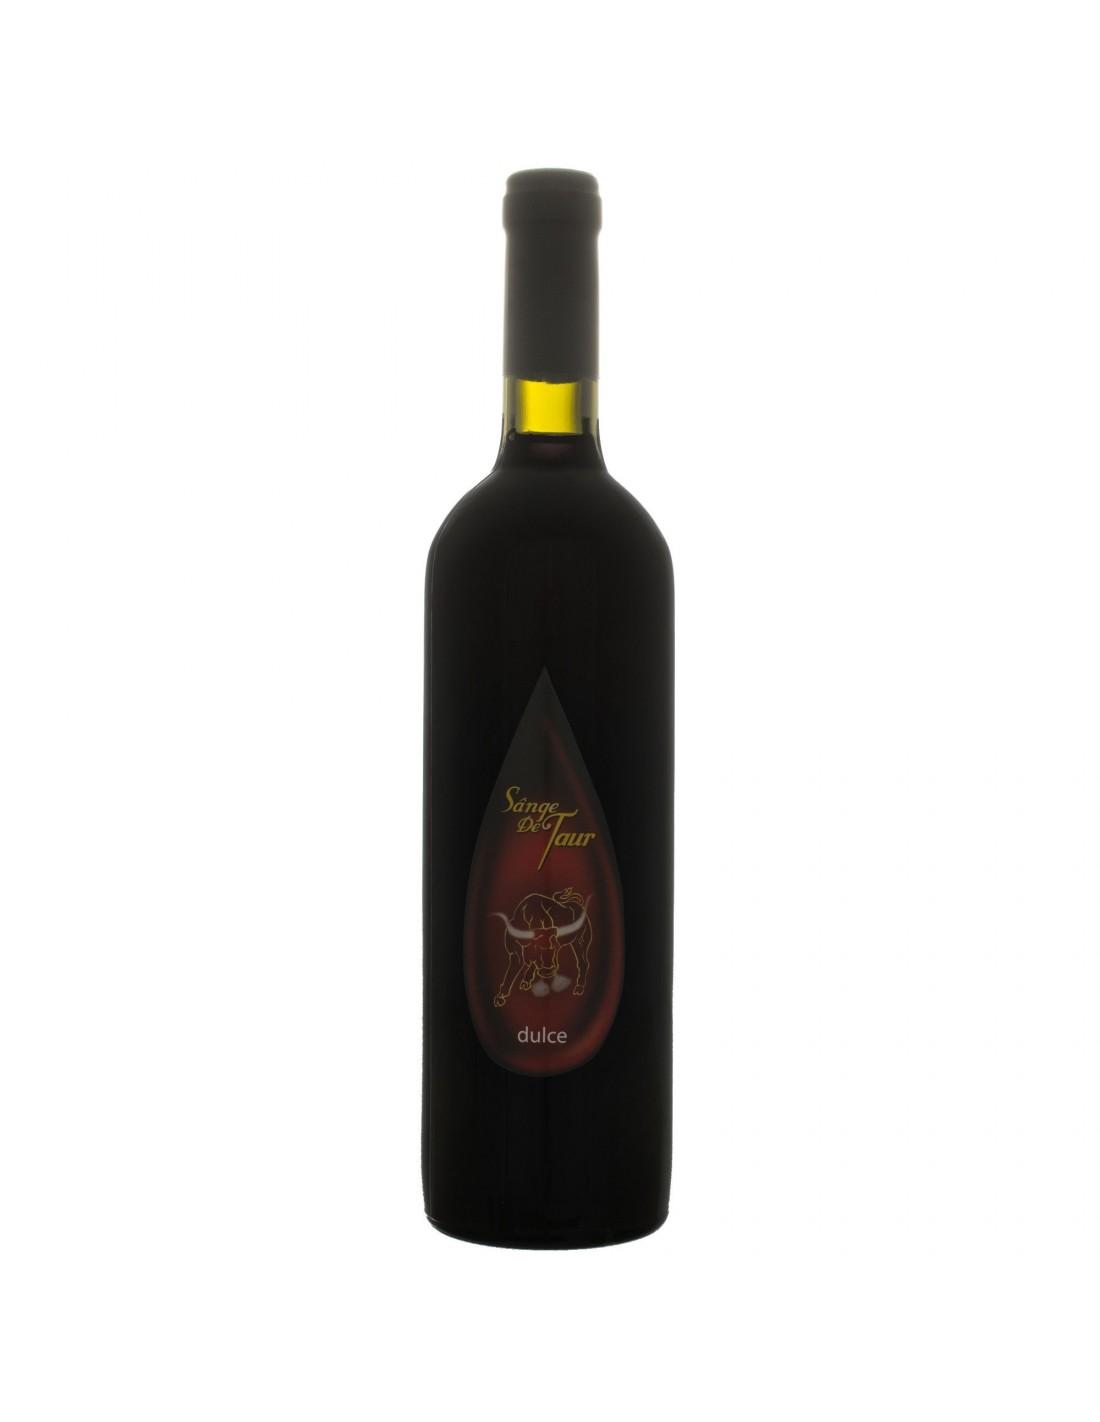 Vin rosu dulce, Sange de taur 7 Coline Tohani, 0.75L, 10.5% alc., Romania